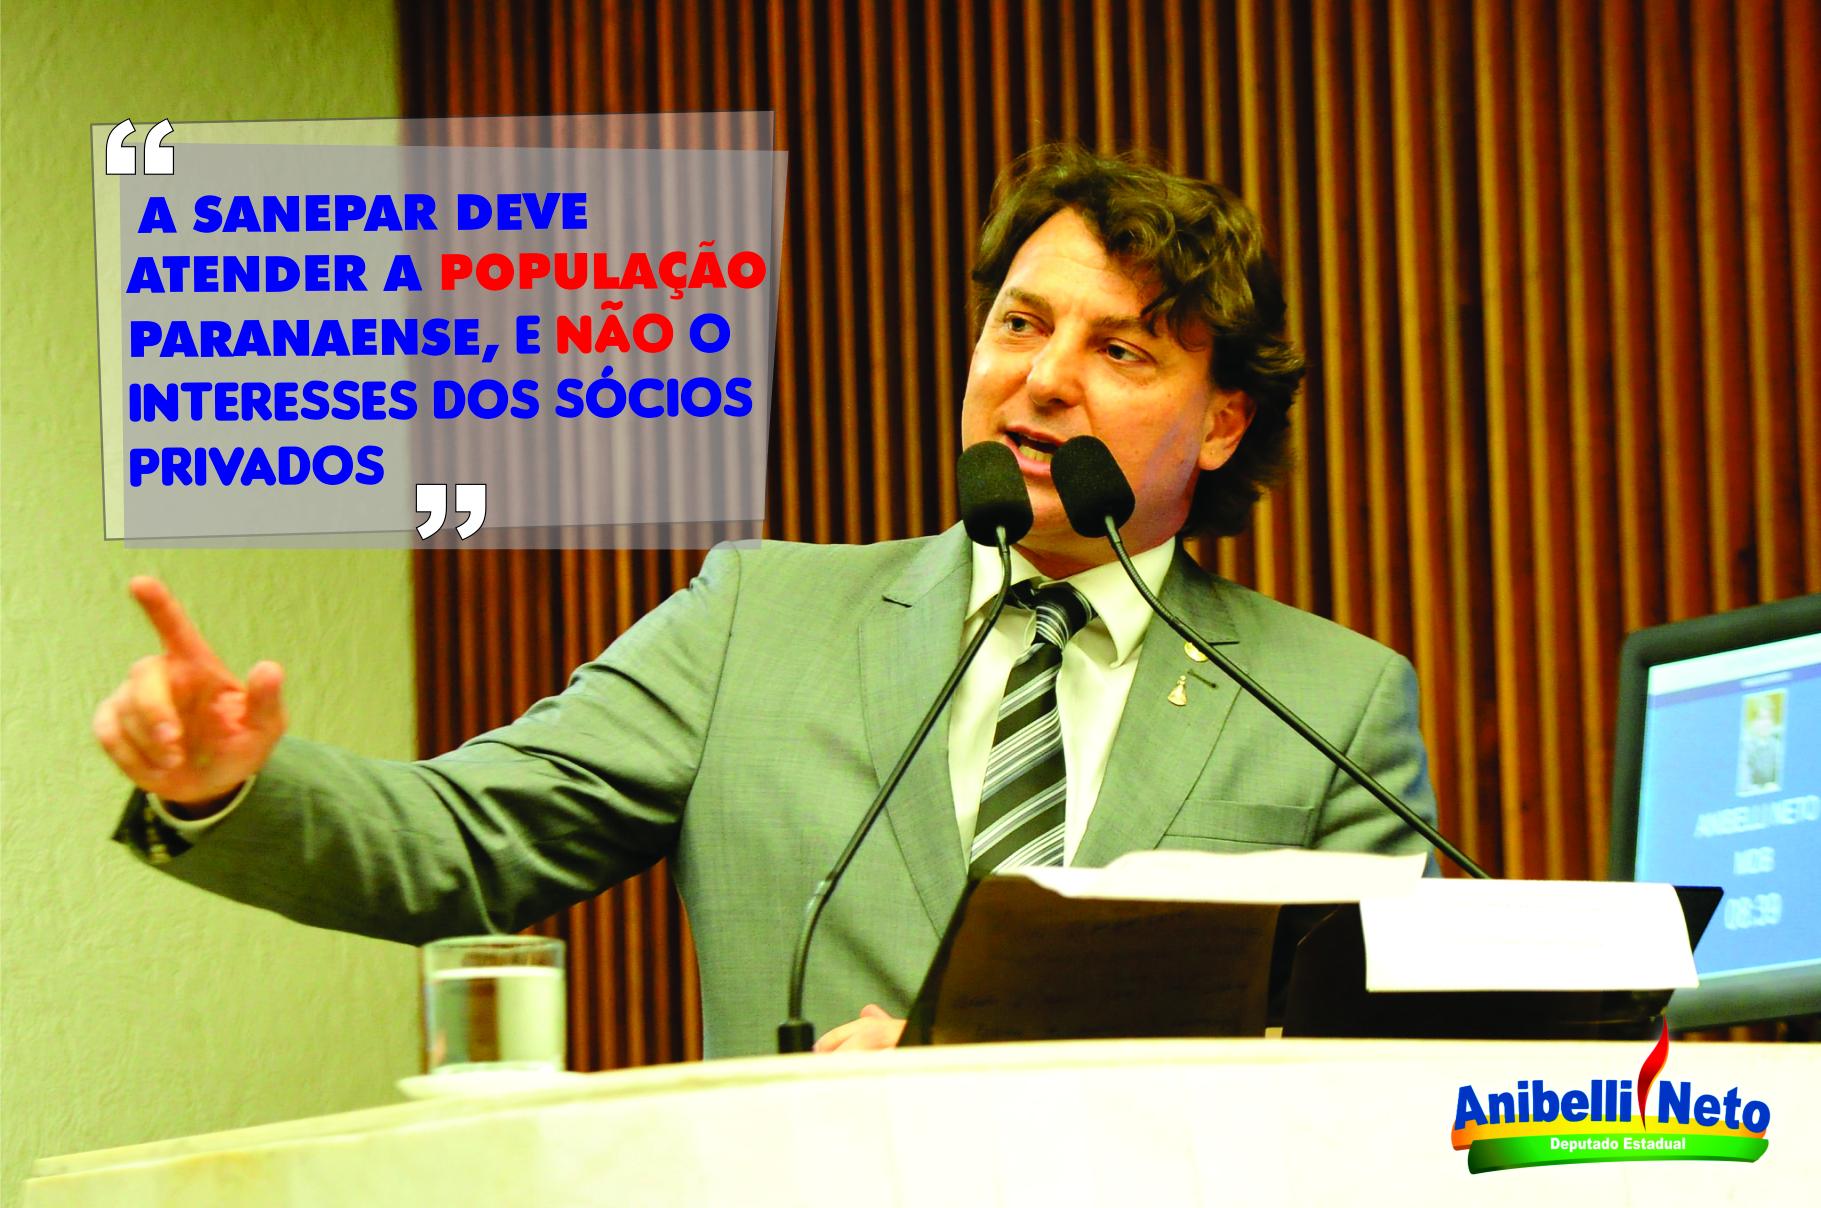 Anibelli afirma que reajustes da Sanepar são reflexos de política voltada aos interesses dos acionistas